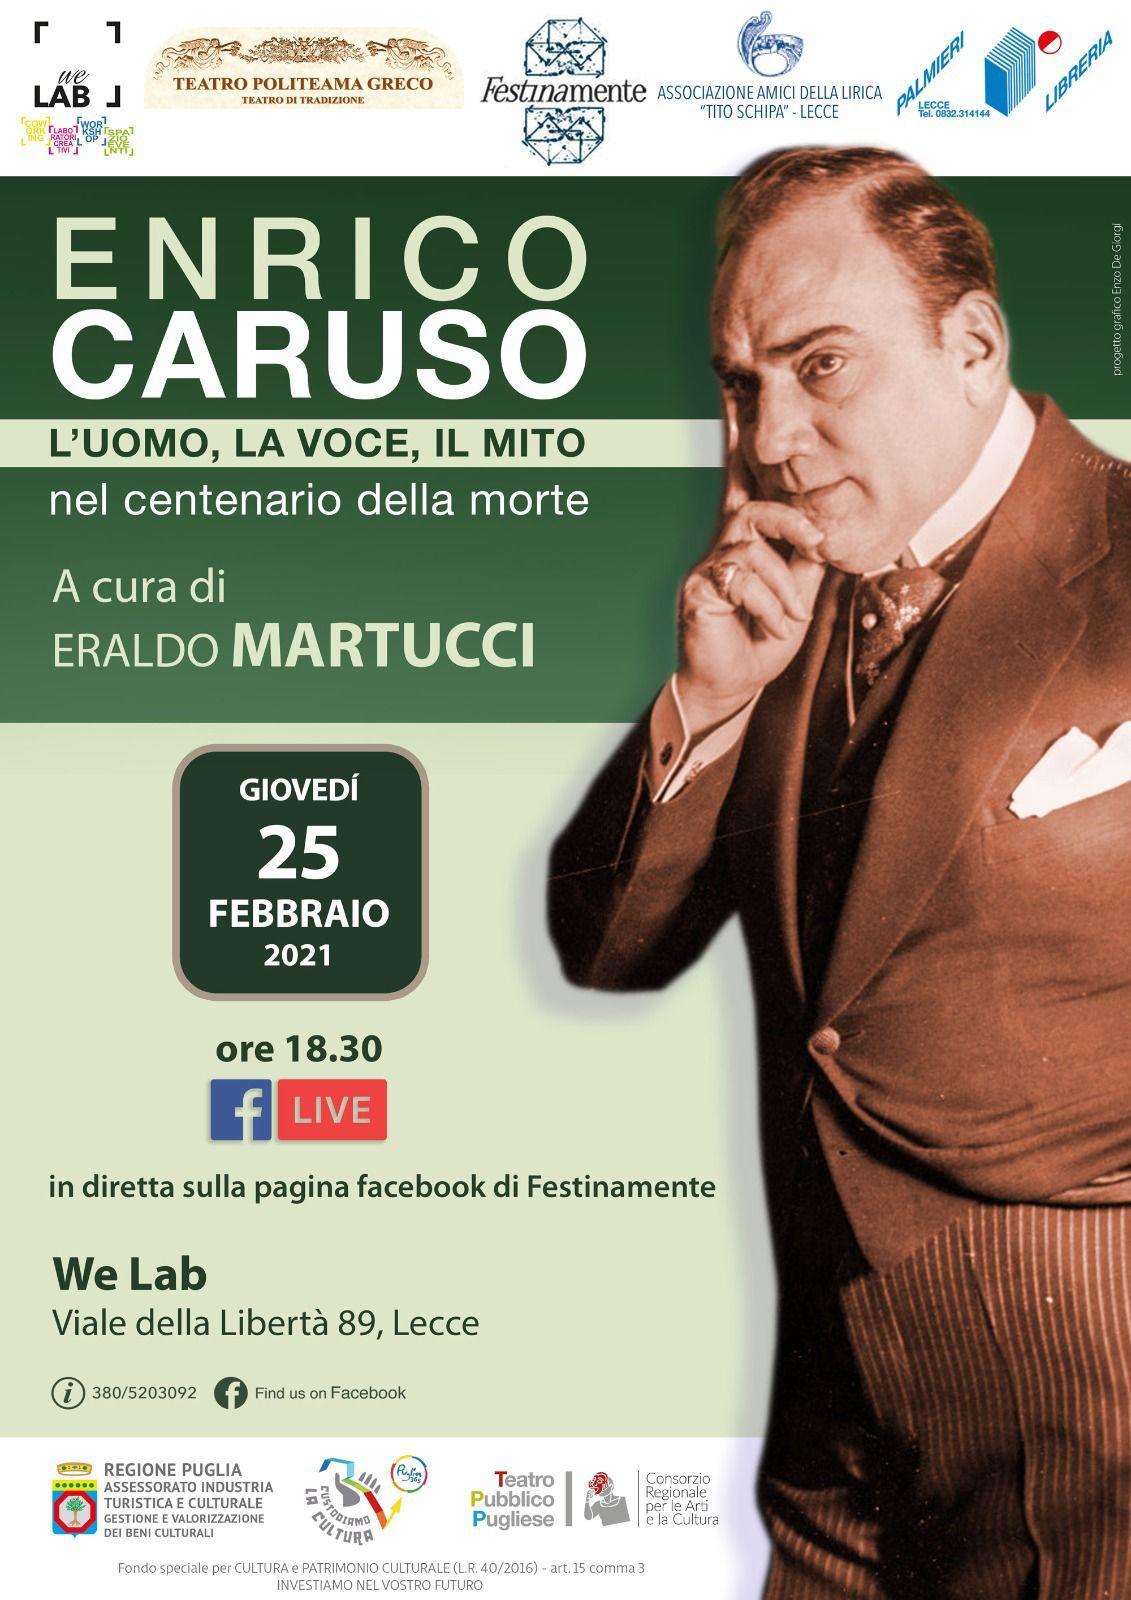 Festinamente e We Lab, conferenza online su Enrico Caruso